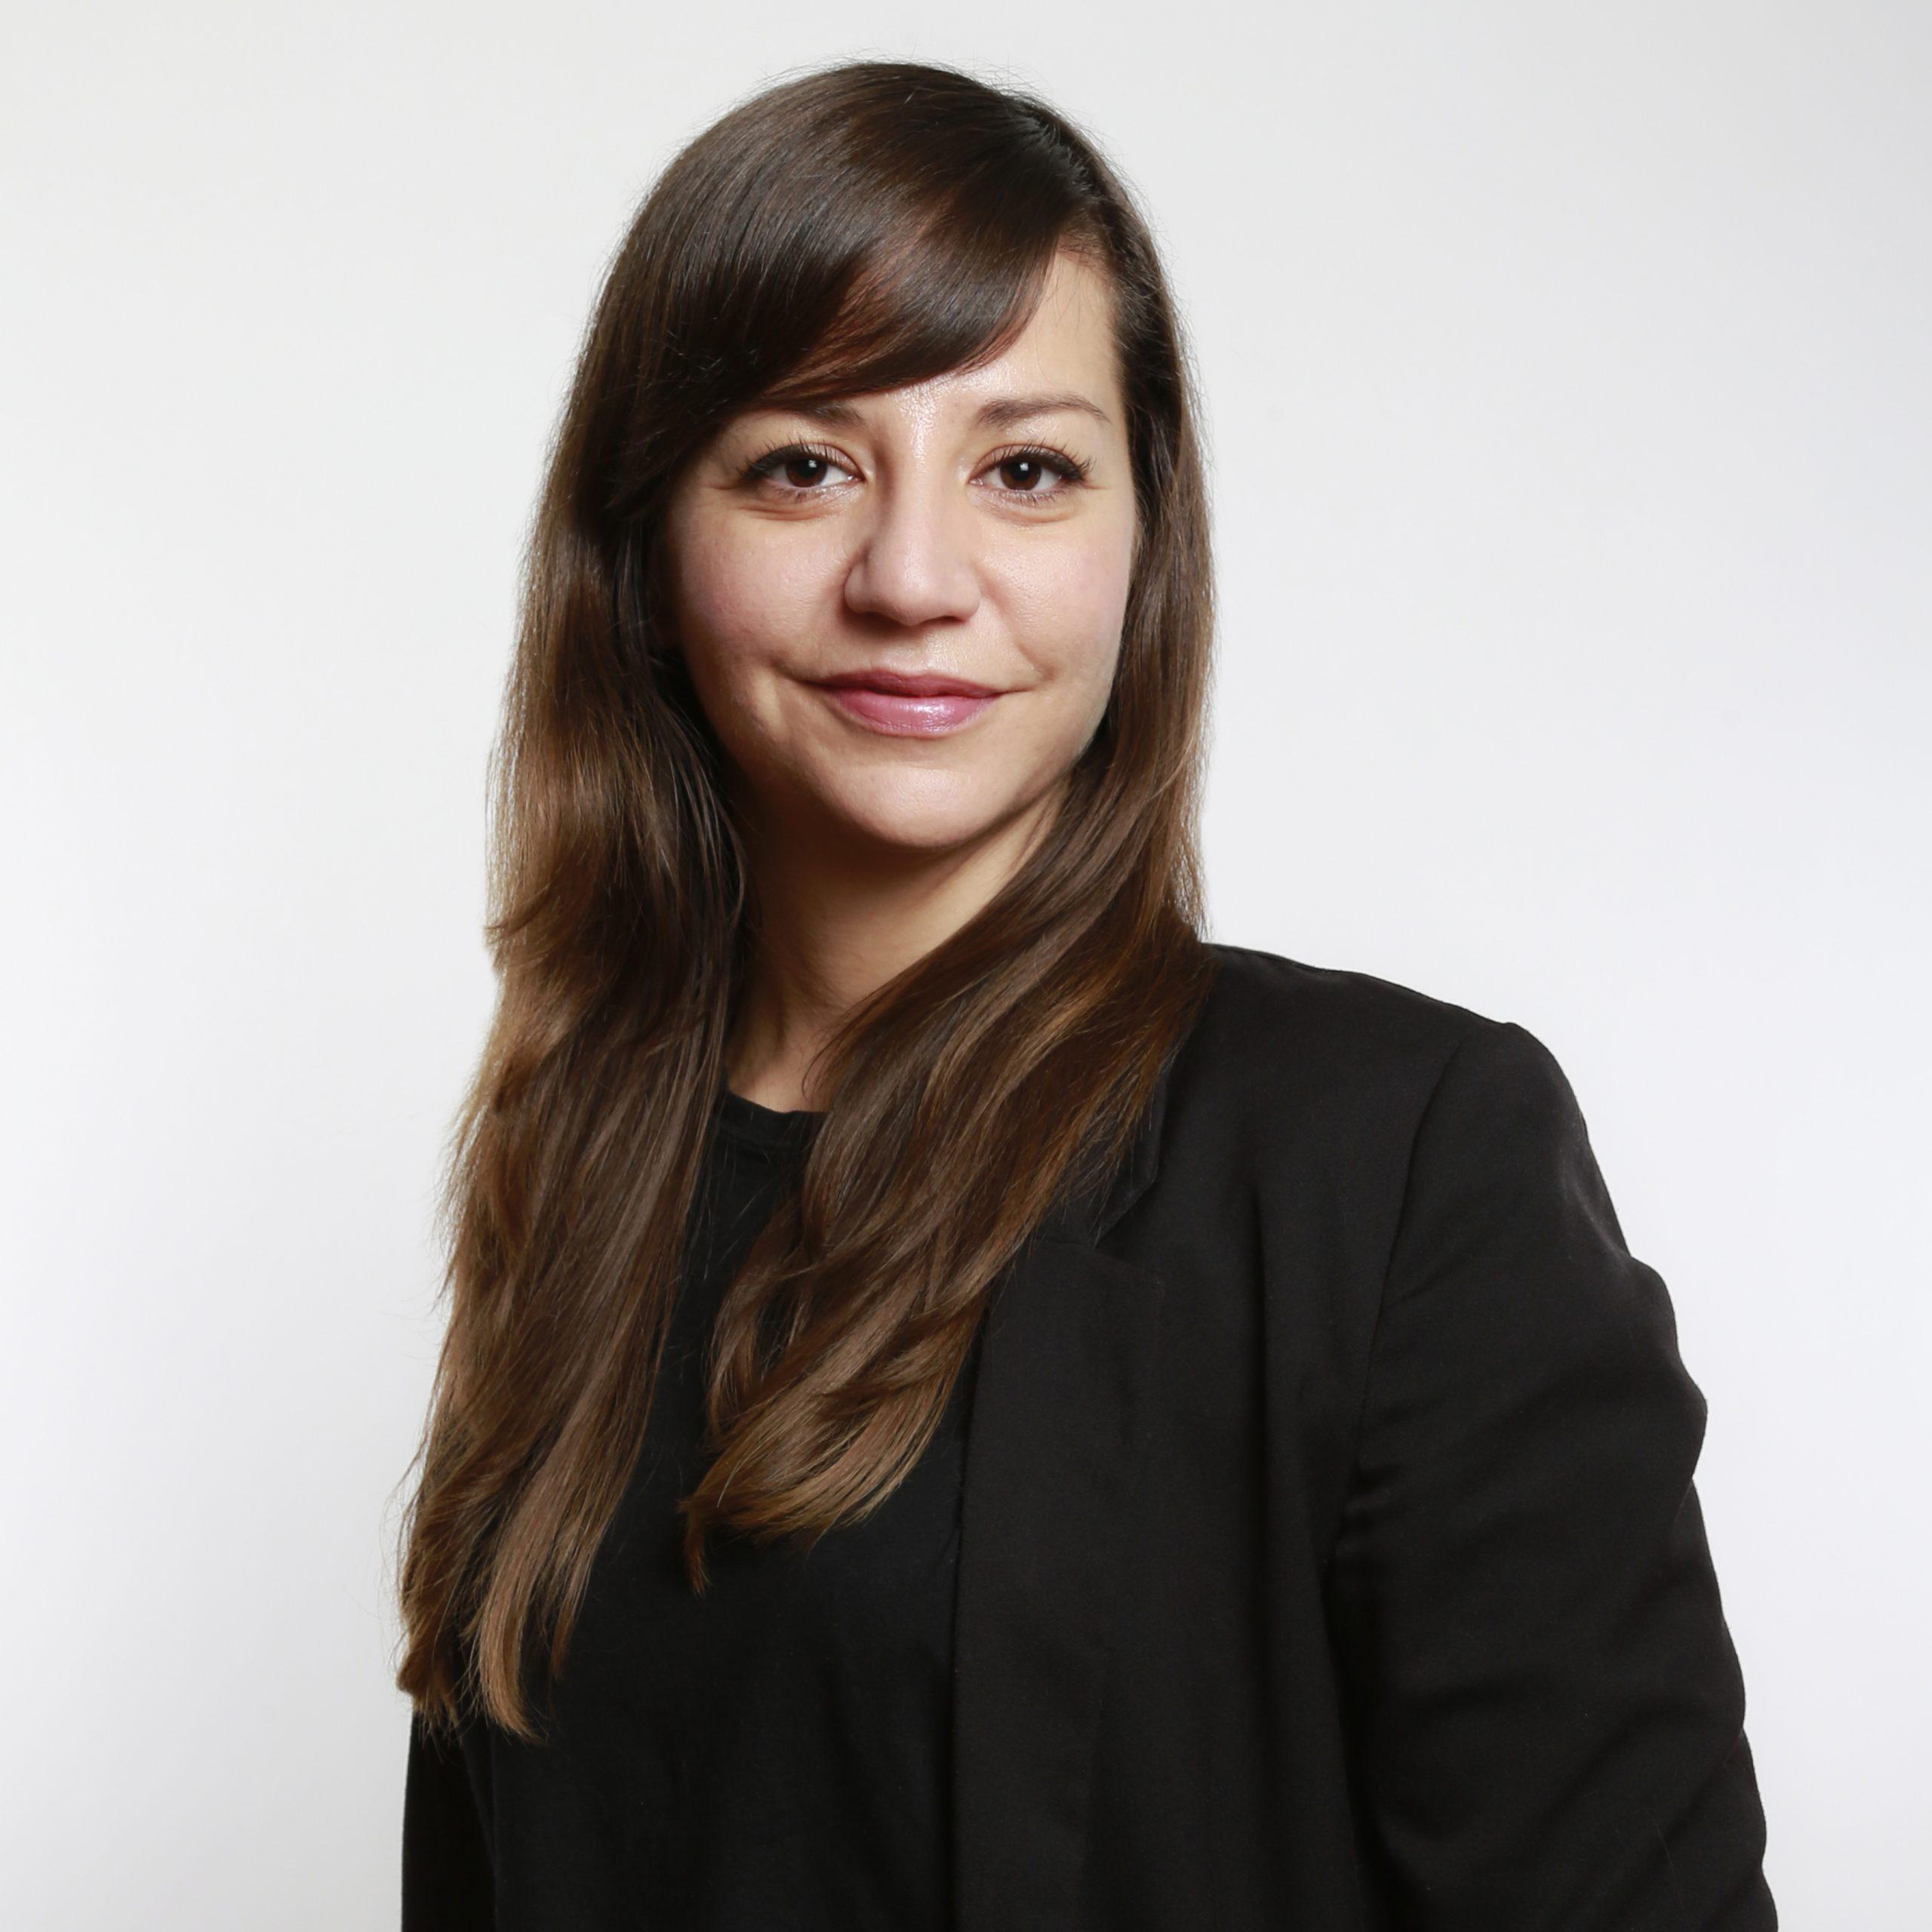 Kristina Panovski